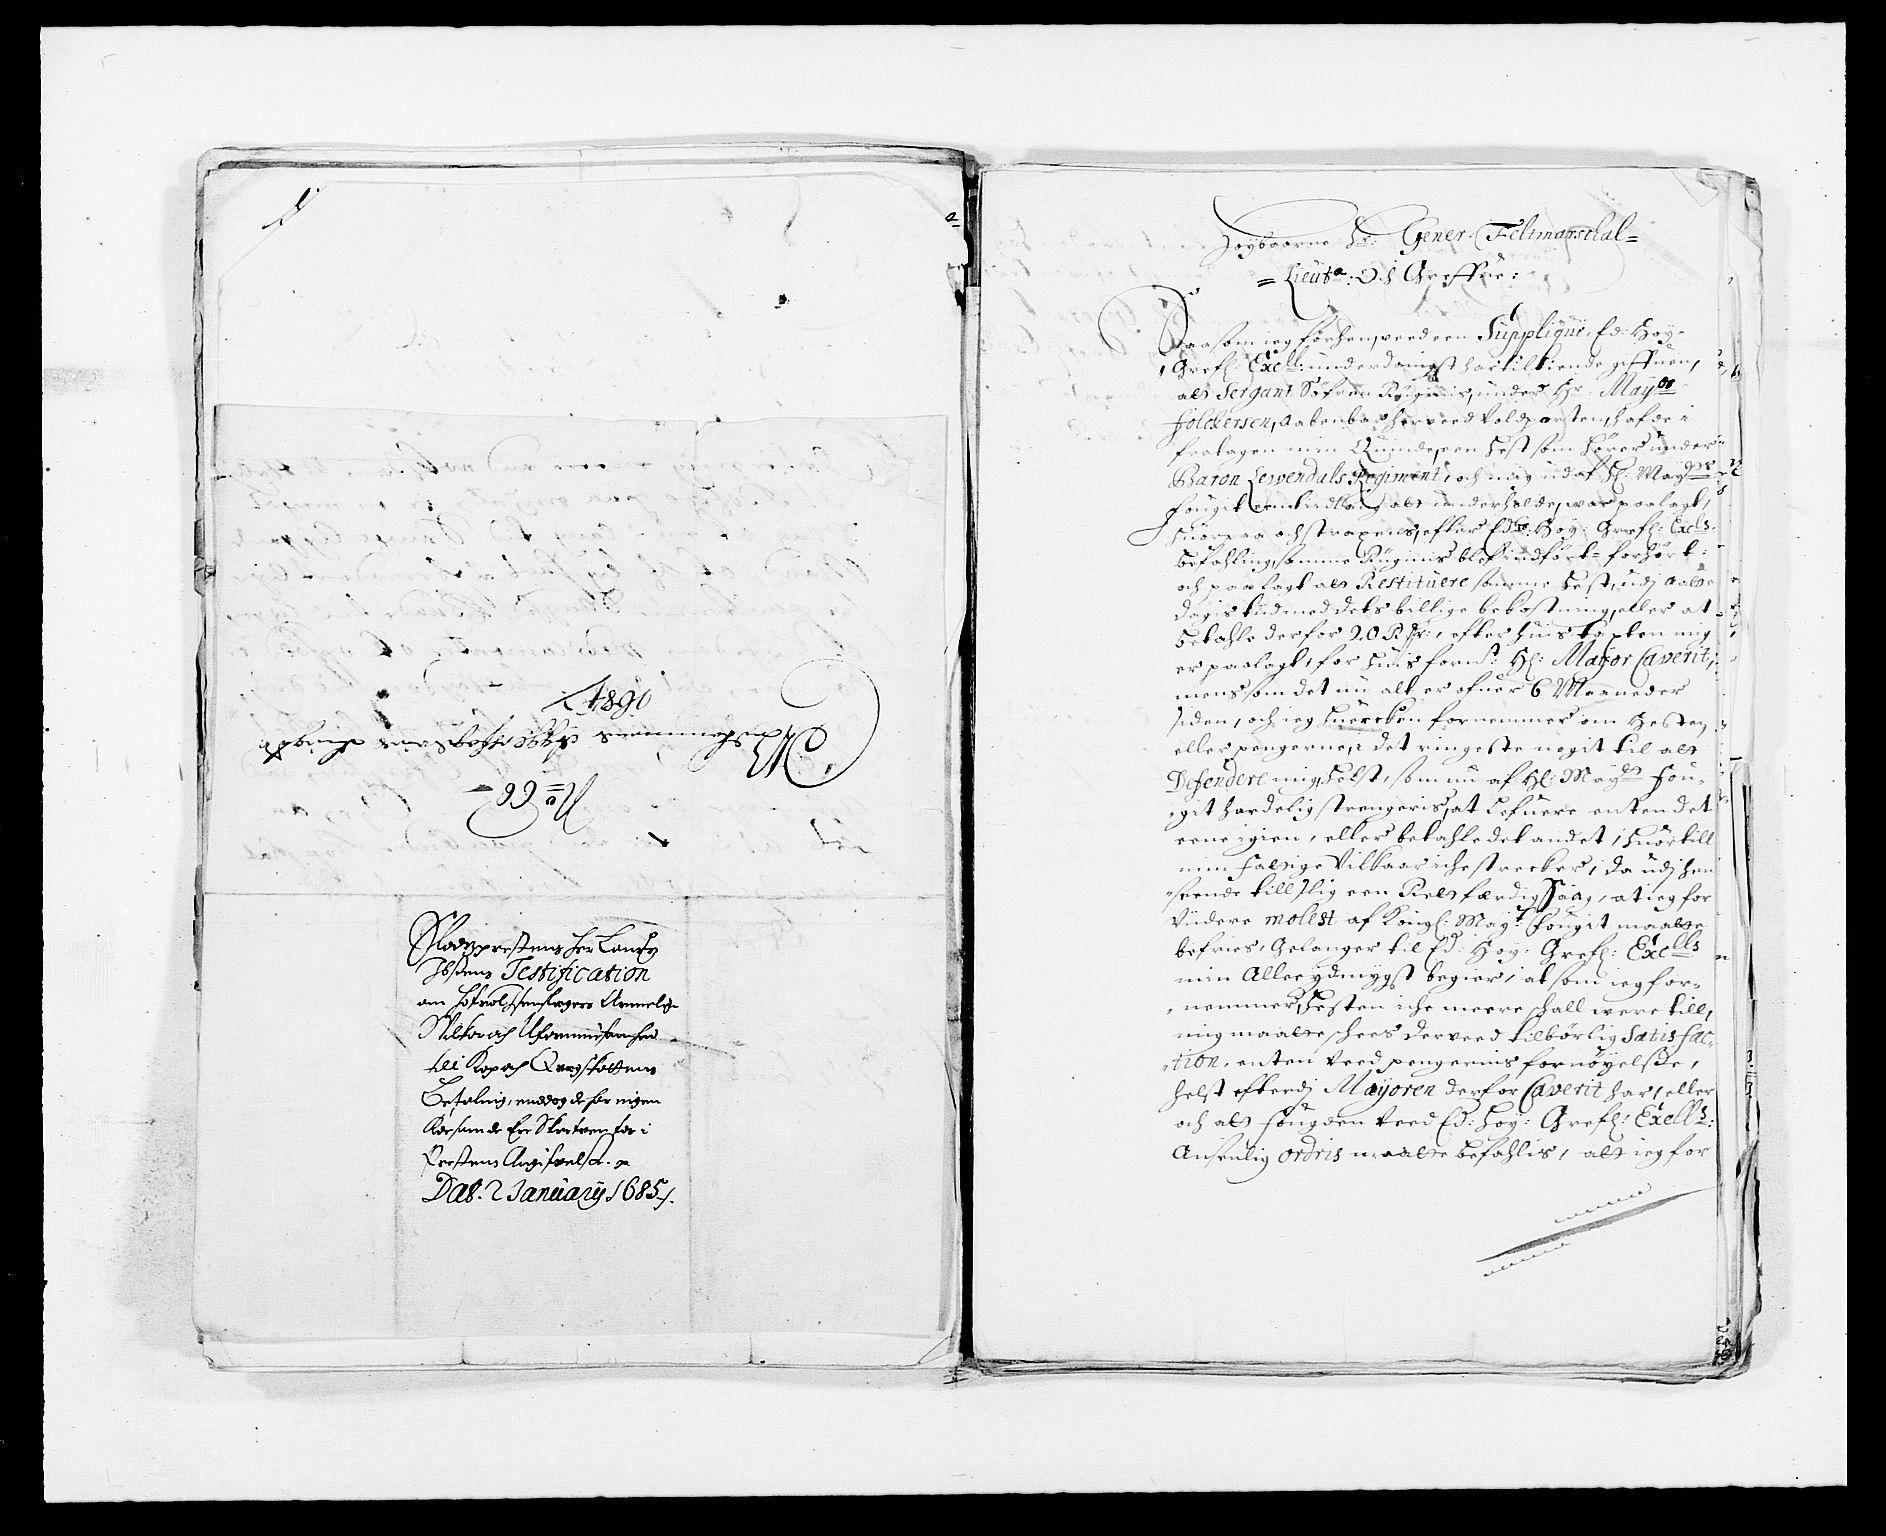 RA, Rentekammeret inntil 1814, Reviderte regnskaper, Fogderegnskap, R08/L0424: Fogderegnskap Aker, 1682-1689, s. 123